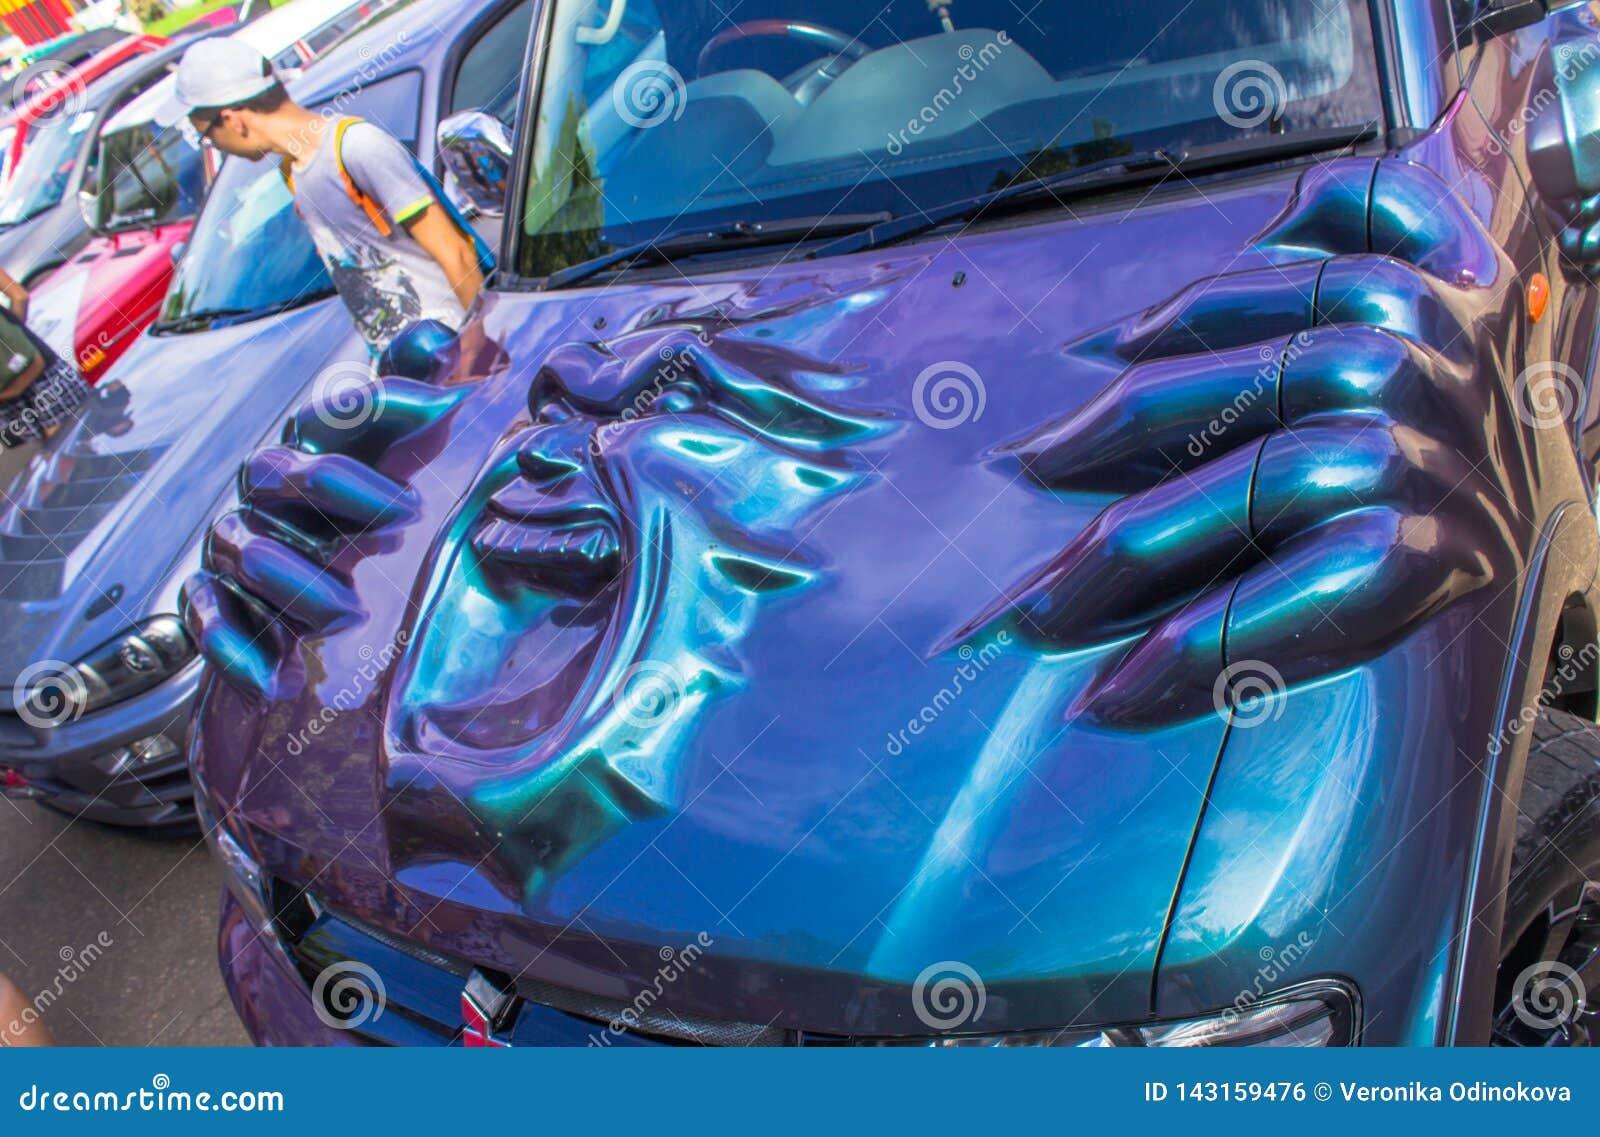 Έκθεση των αυτοκινήτων το καλοκαίρι στα αναδρομικά αυτοκίνητα komsomolsk--Amur και τα συντονισμένα αυτοκίνητα